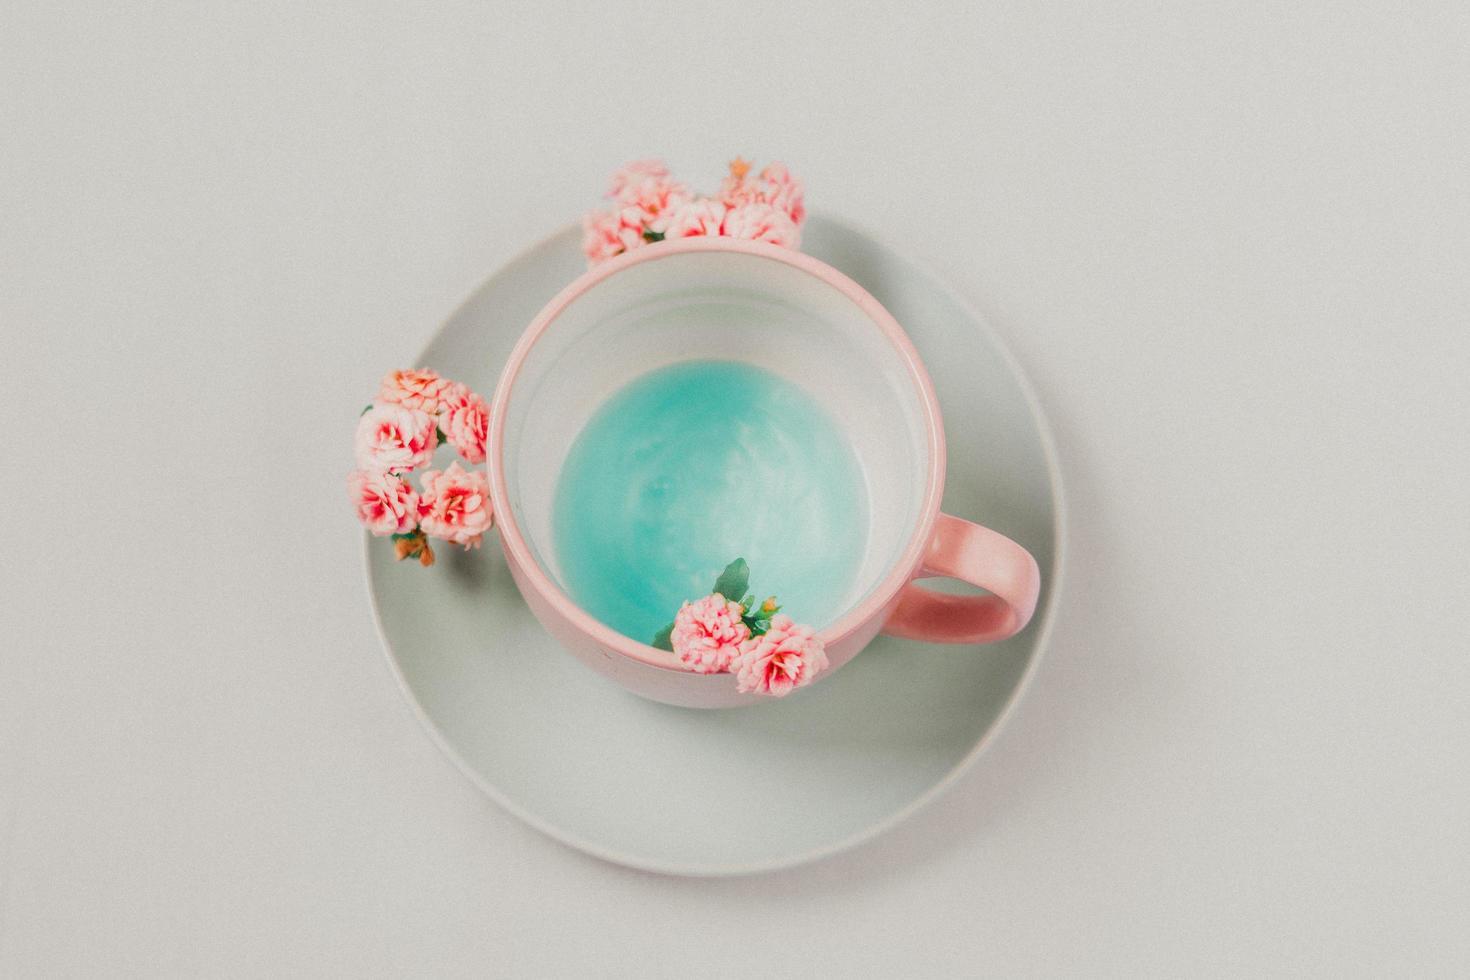 tazza e piattino su sfondo neutro foto